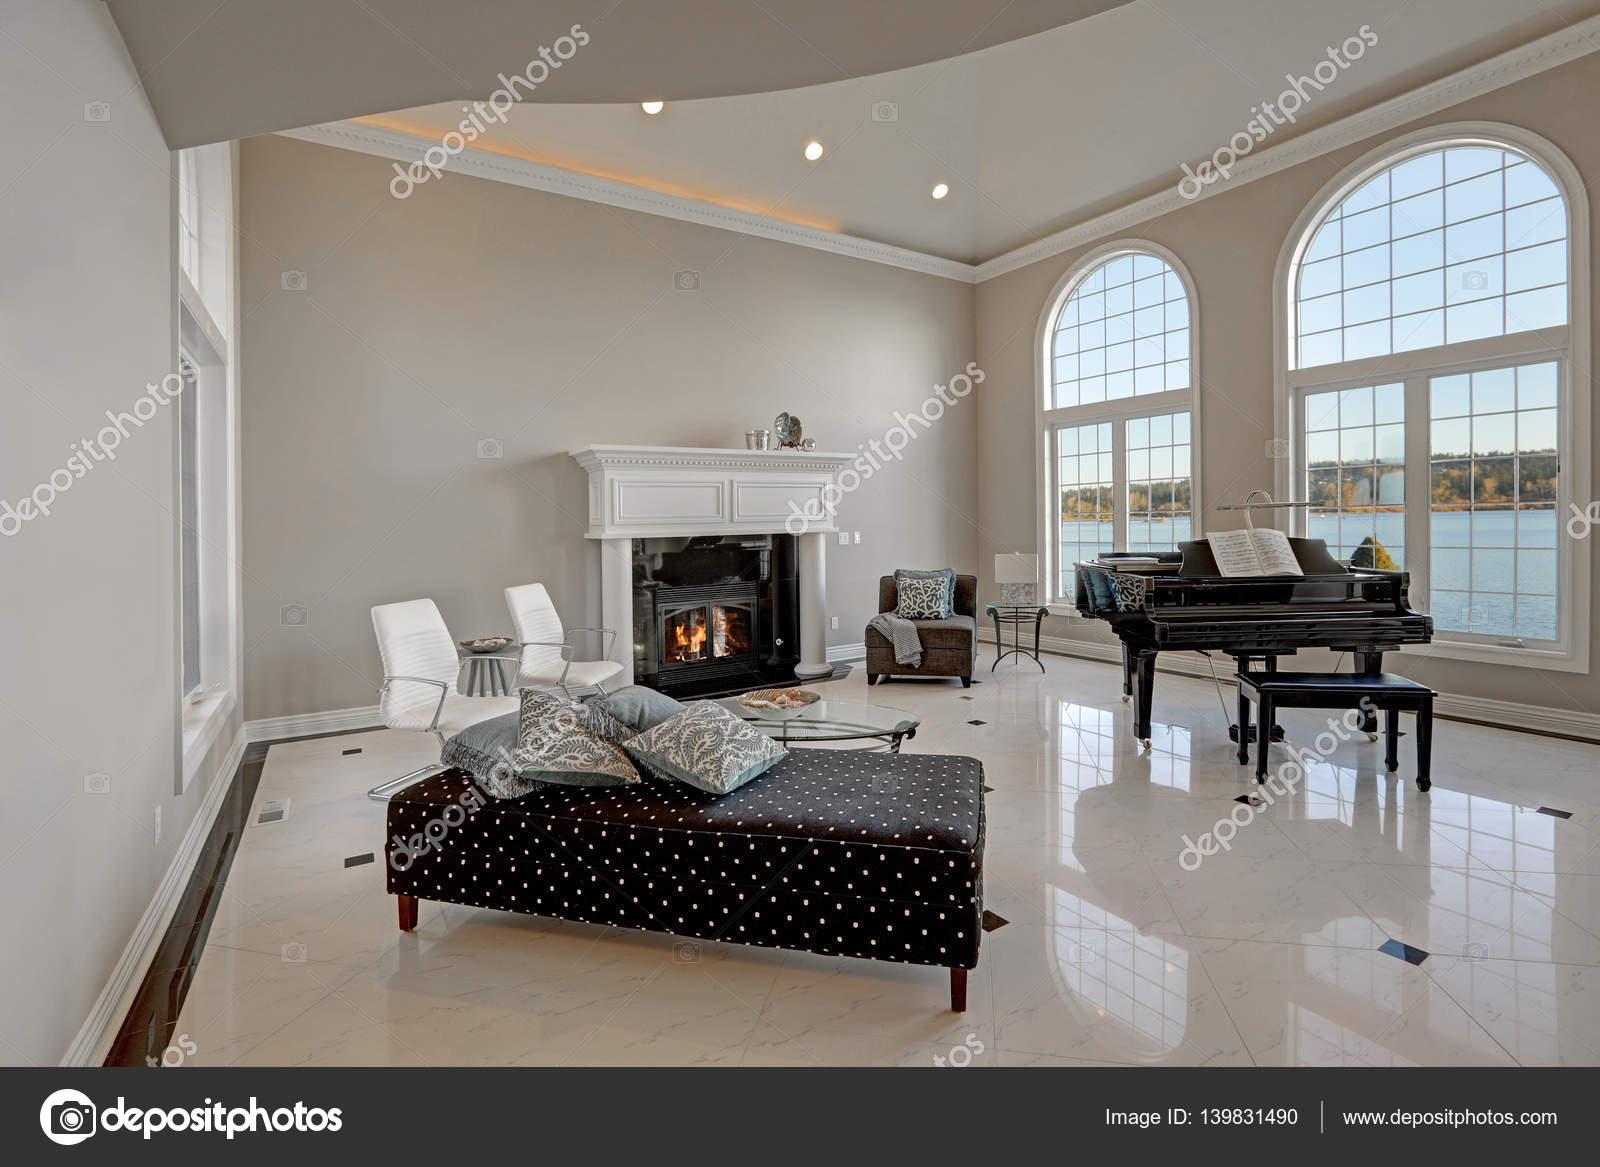 Marmer In Woonkamer : Luxe hoog plafond woonkamer met marmeren vloer u stockfoto